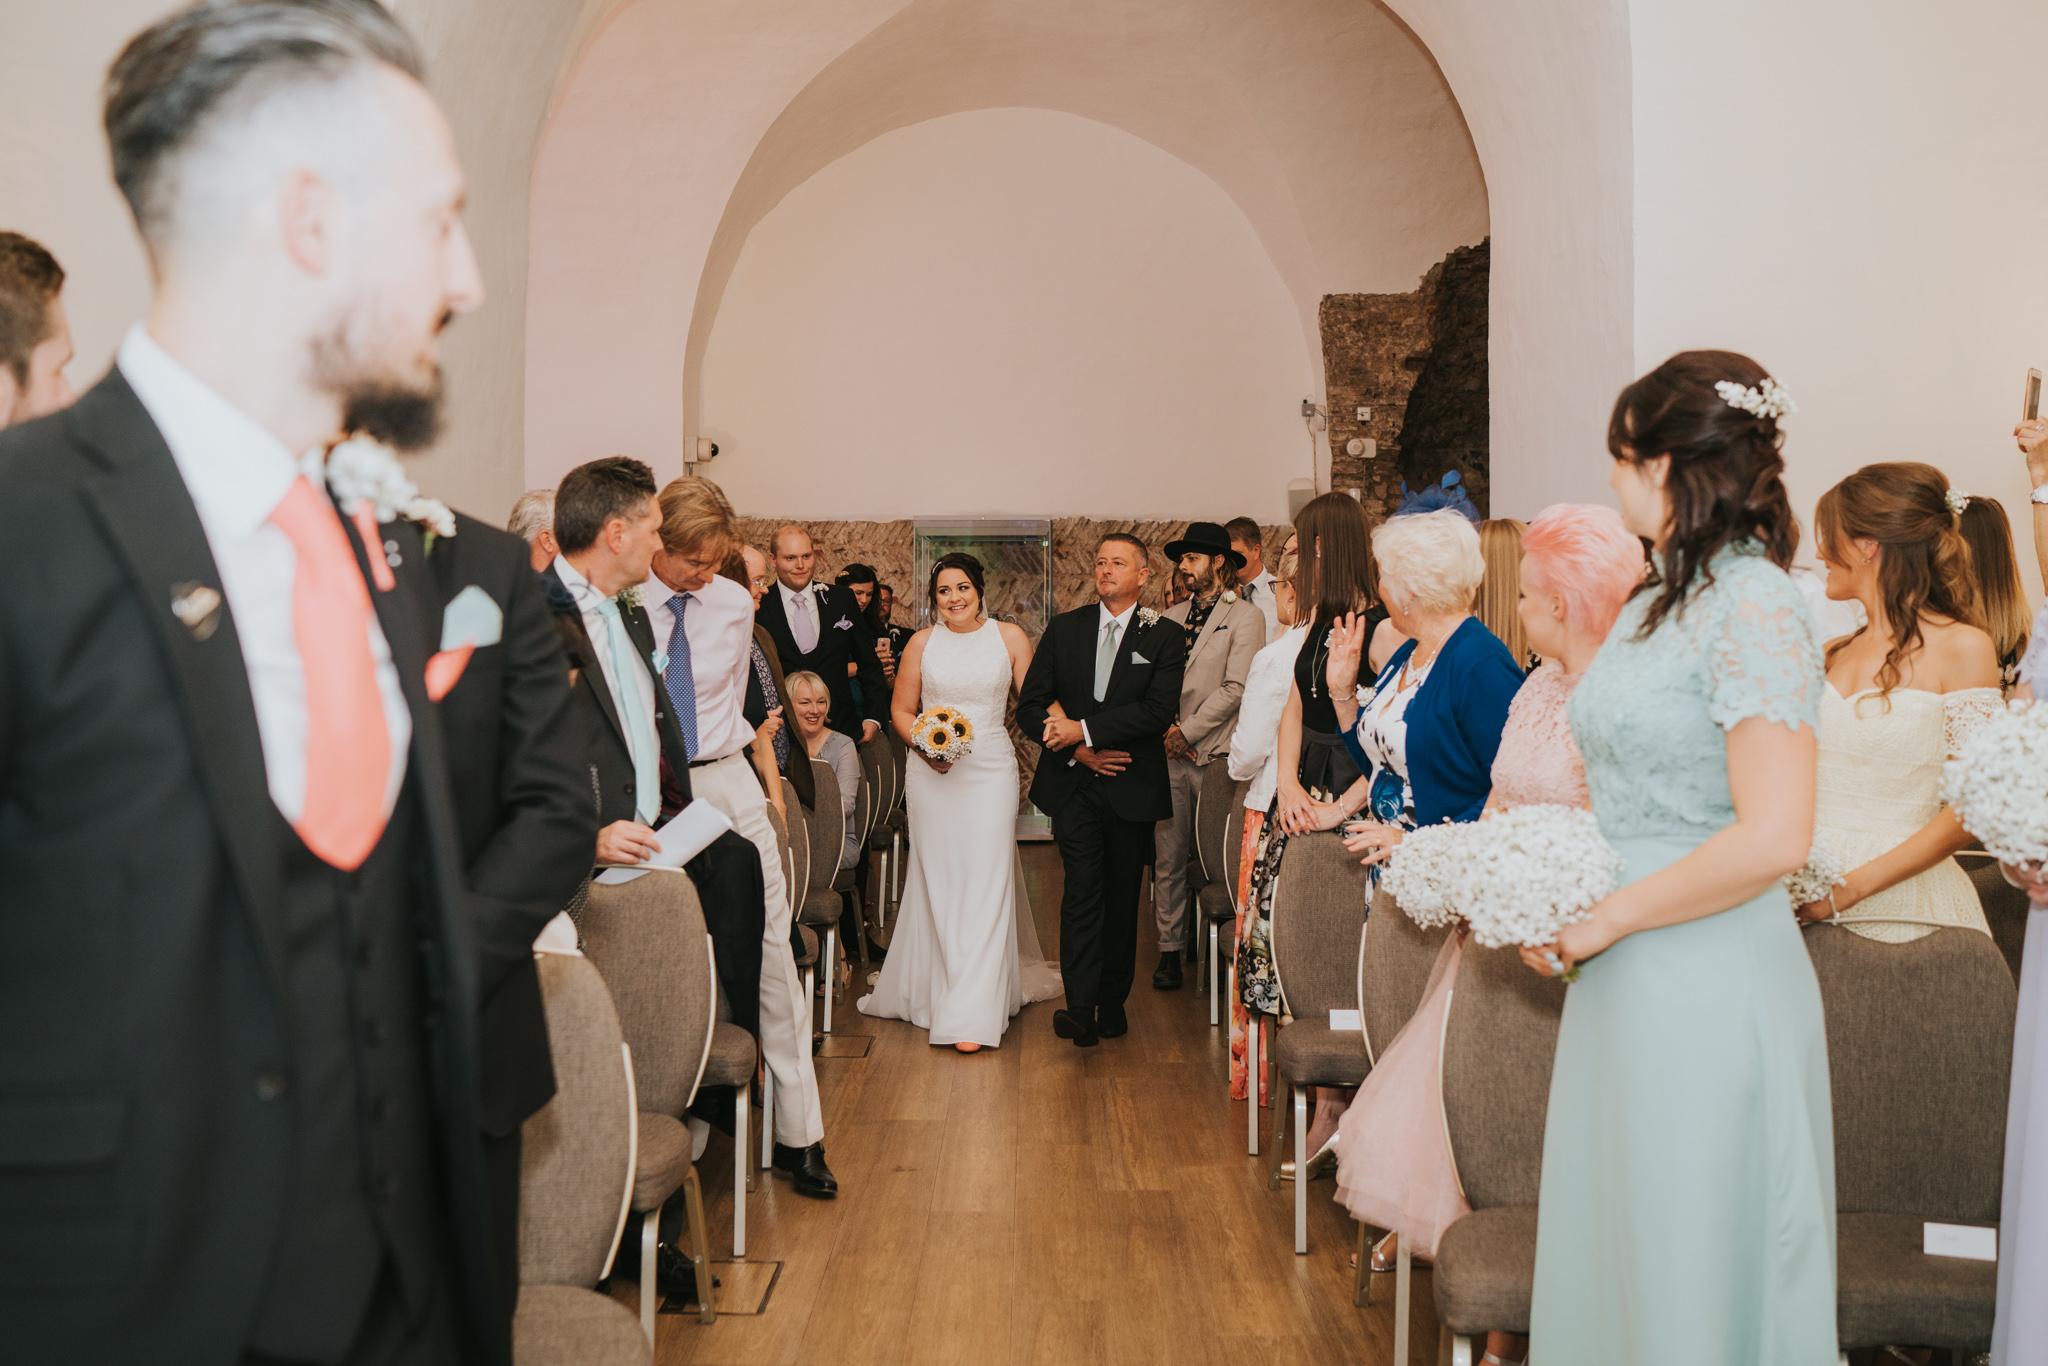 Joe-Tiffany-Colchester-Castle-Wedding-Essex-Grace-Elizabeth-Colchester-Essex-Alternative-Wedding-Photographer-Suffolk-Norfolk-Devon (47 of 122).jpg